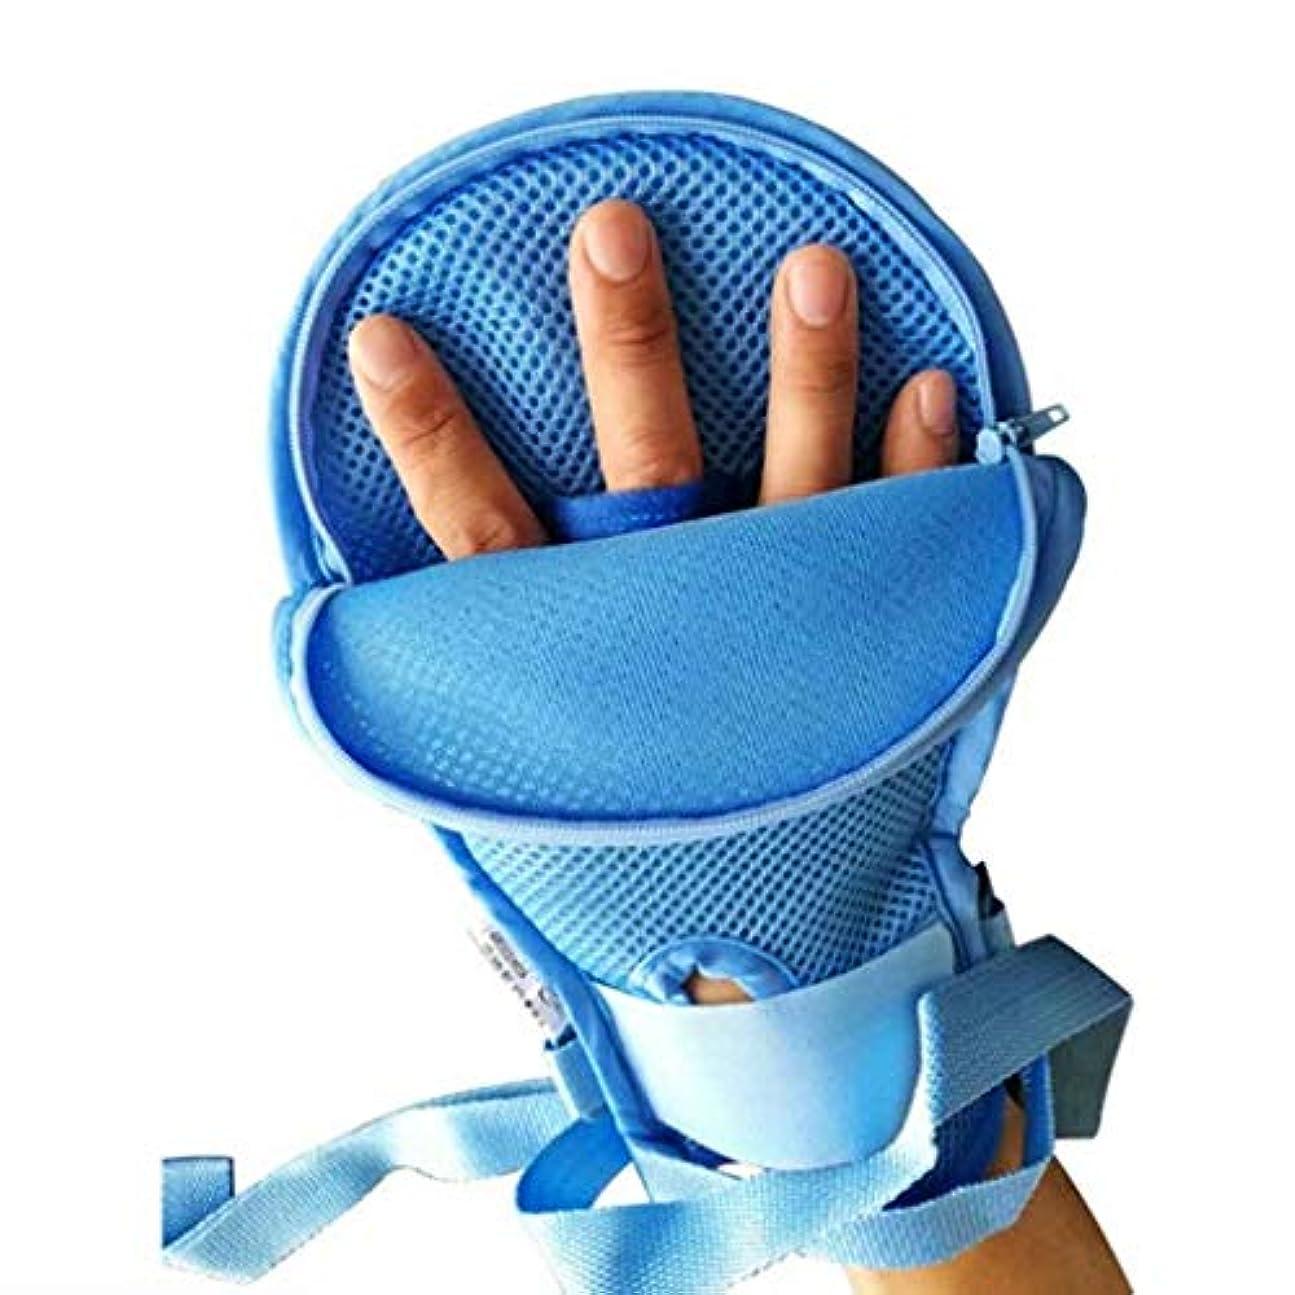 農奴浜辺間違っている医療用抗エクストラクショングローブアンチスクラッチ用手首固定された拘束具患者の手の感染症プロテクターパッド付き